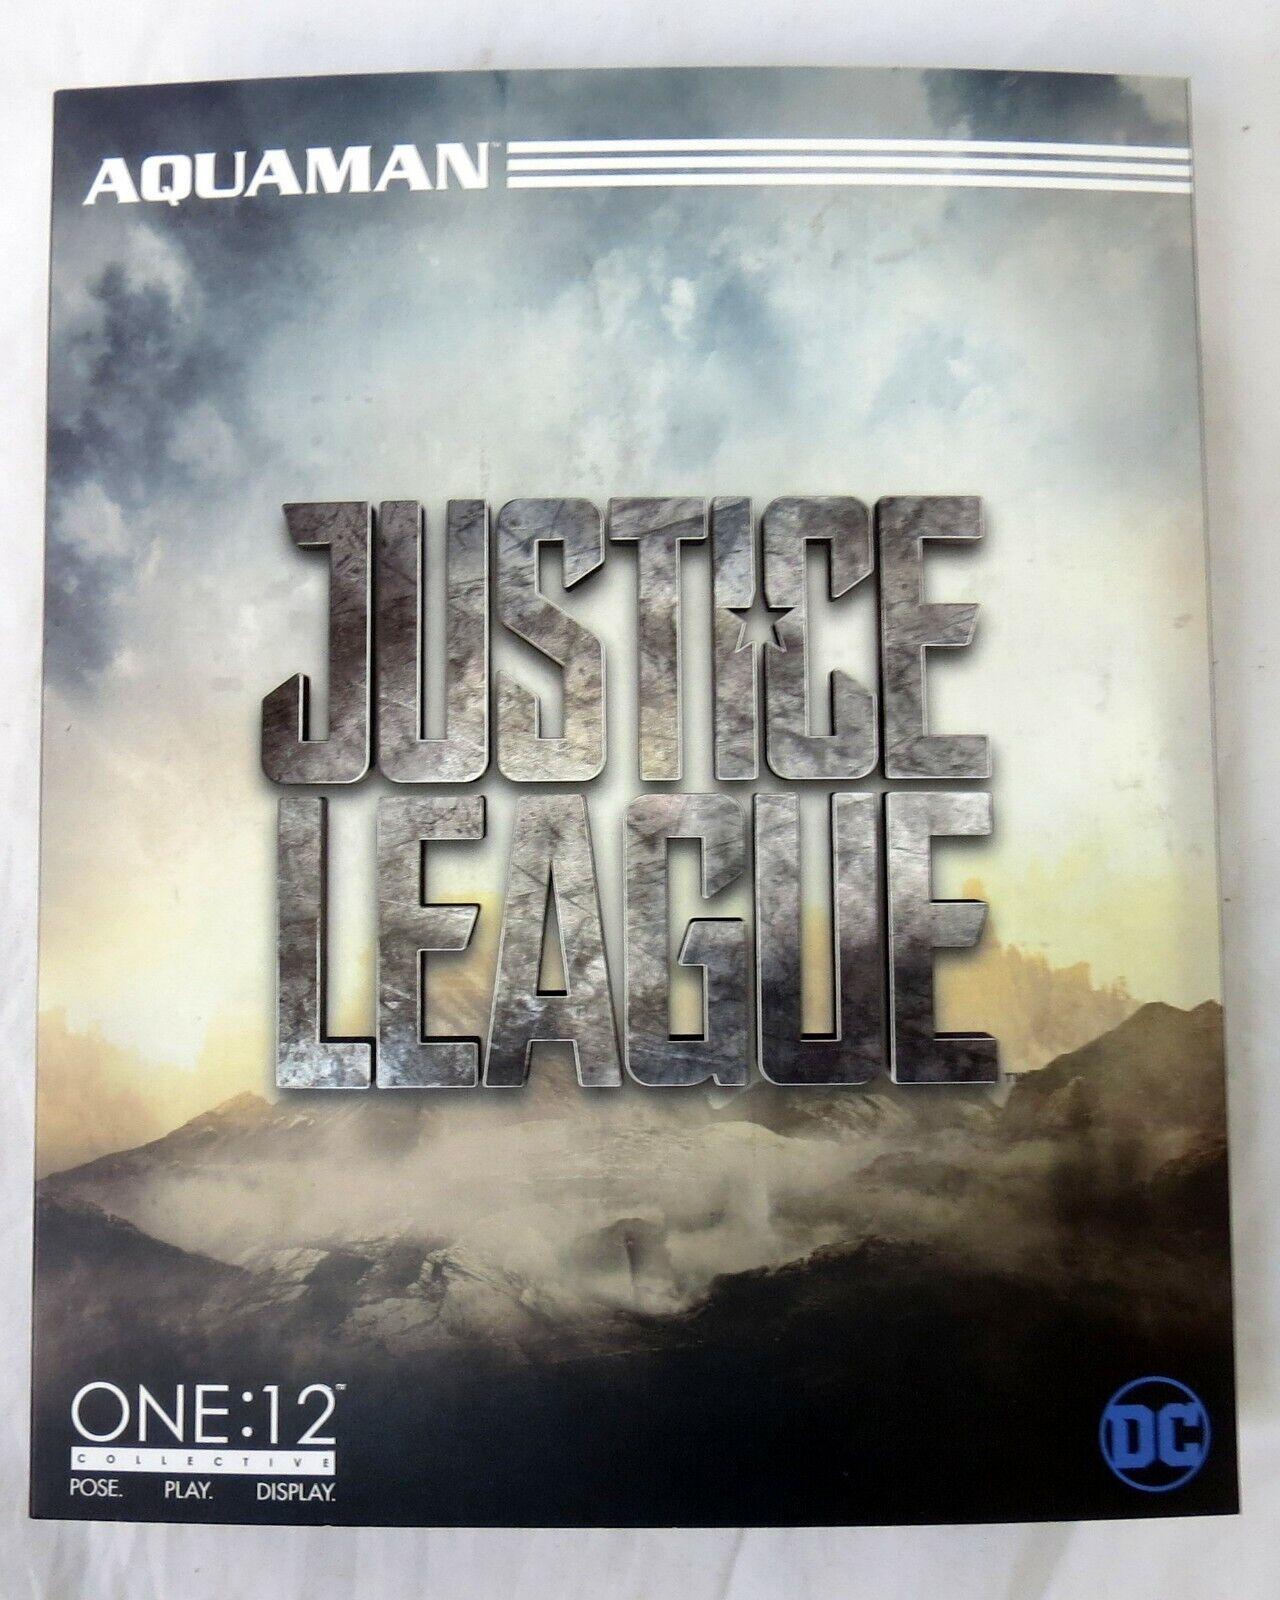 Mezco One 12 DC Justice League Aquauomo 6  cifra  nuovo  vendita di offerte